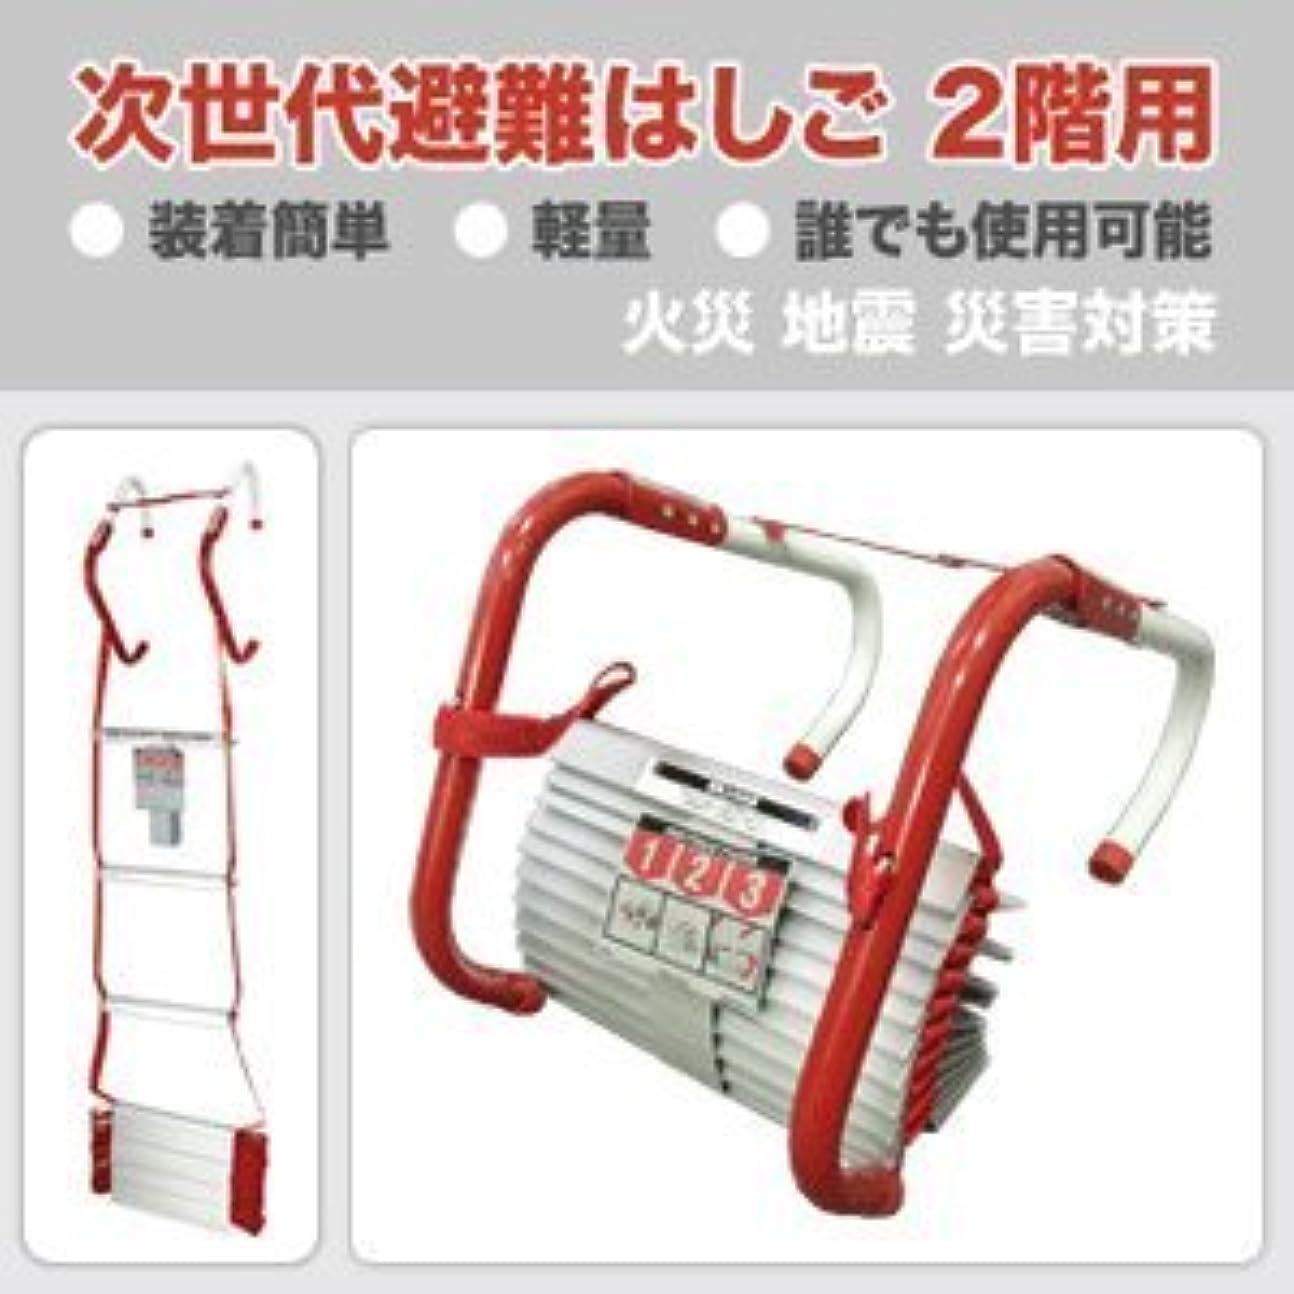 満足繁栄キュービック【次世代避難はしご 2階用 KL-2S】収納に場所をとらず、驚くほど簡単に使用できる!【日本正規品&製品5年保証付】